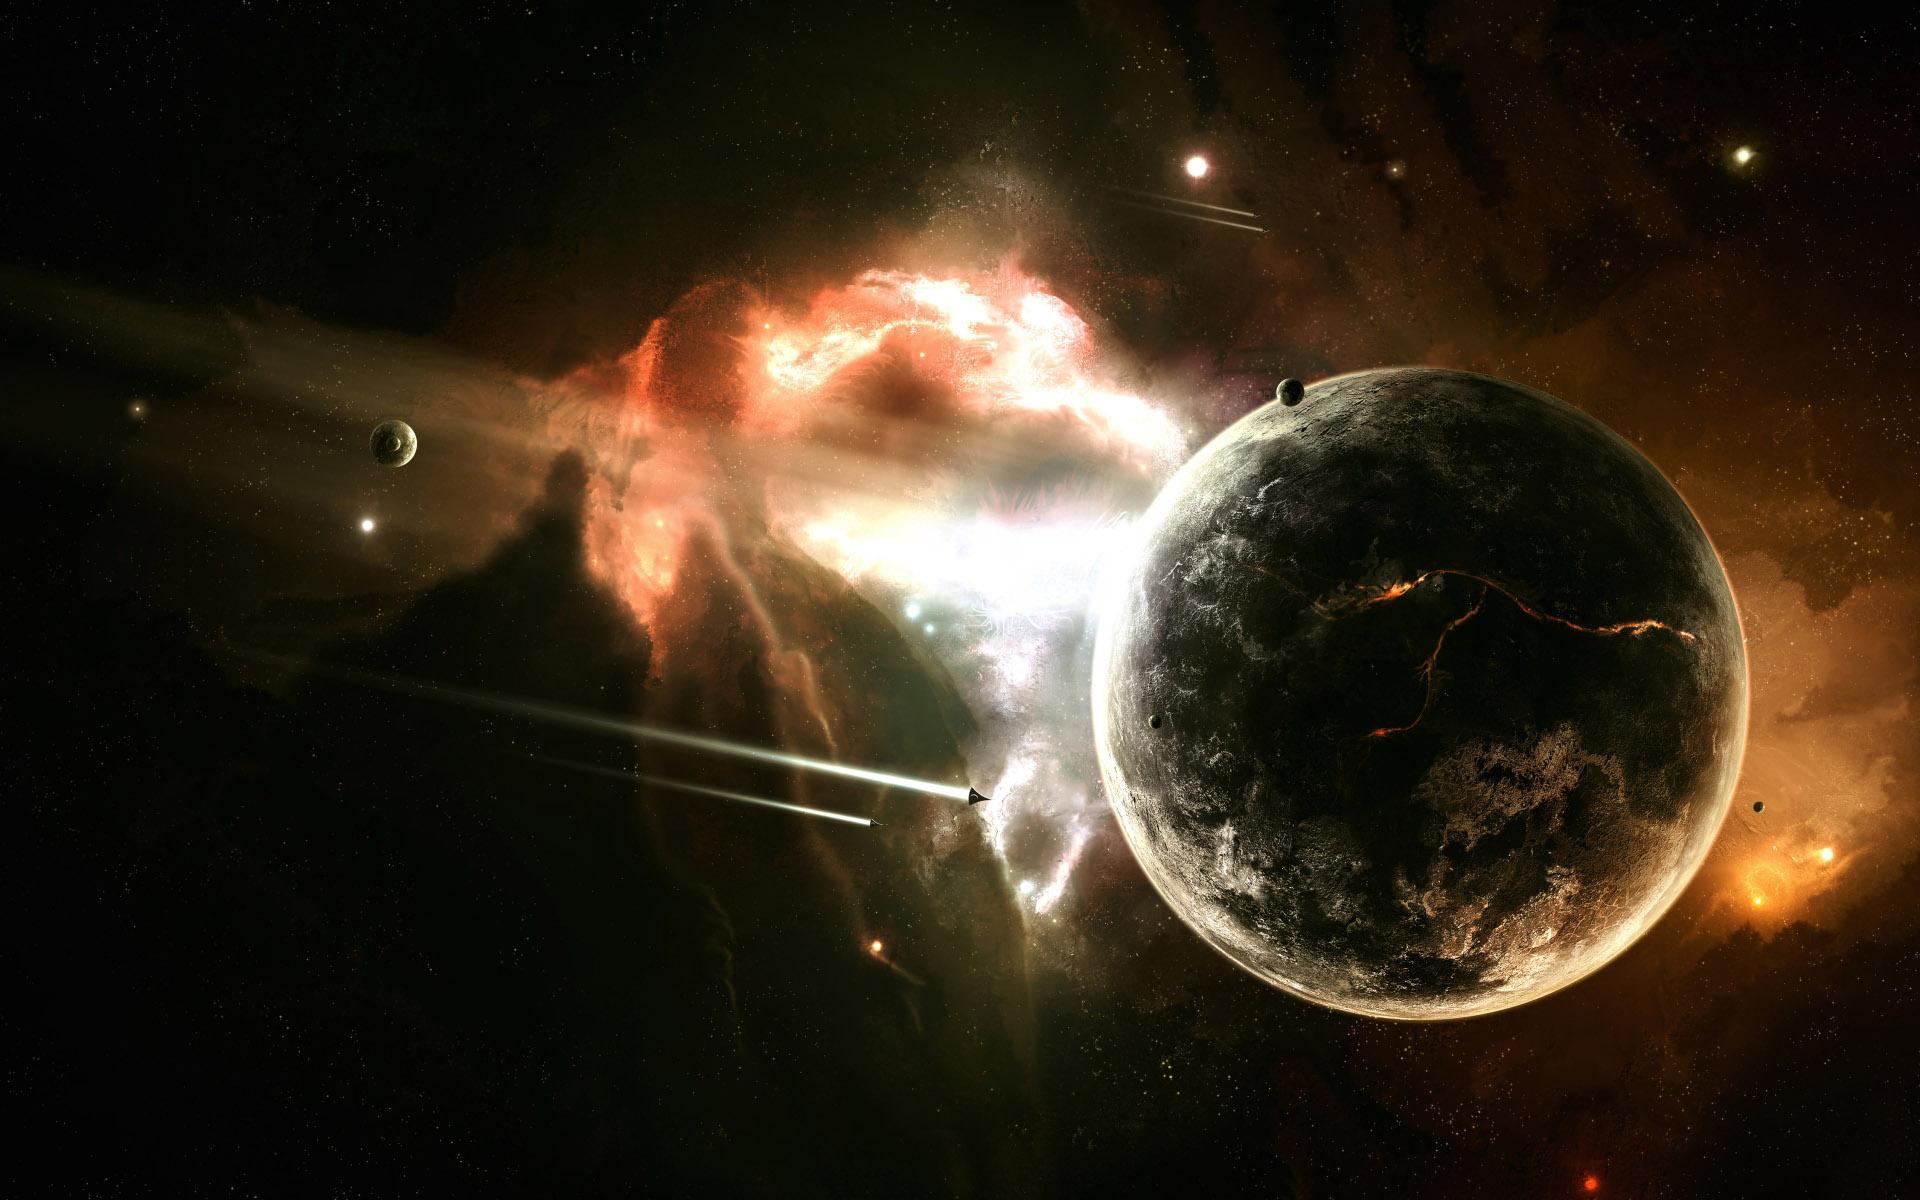 космические корабли возле планеты, спутники, яркая туманность